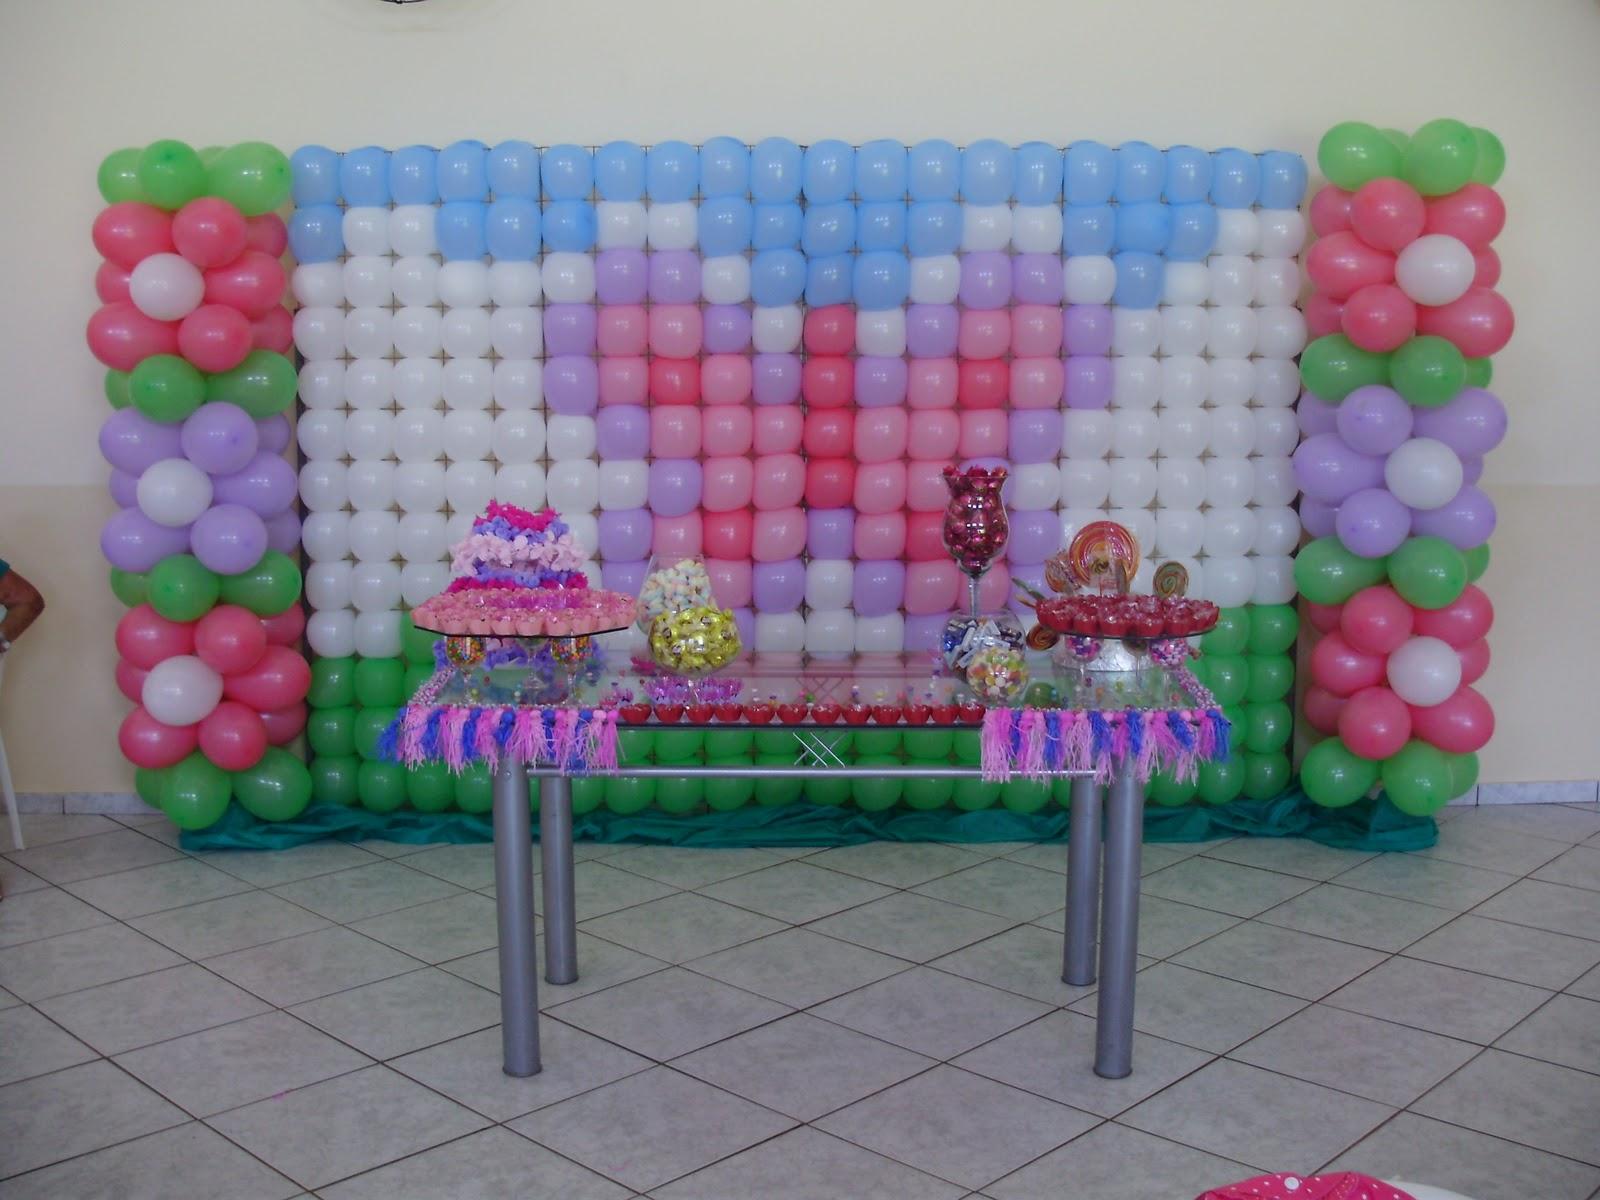 decoracao de balões jardim encantado:Festolândia Icaraíma – PR: Decoração de Balões